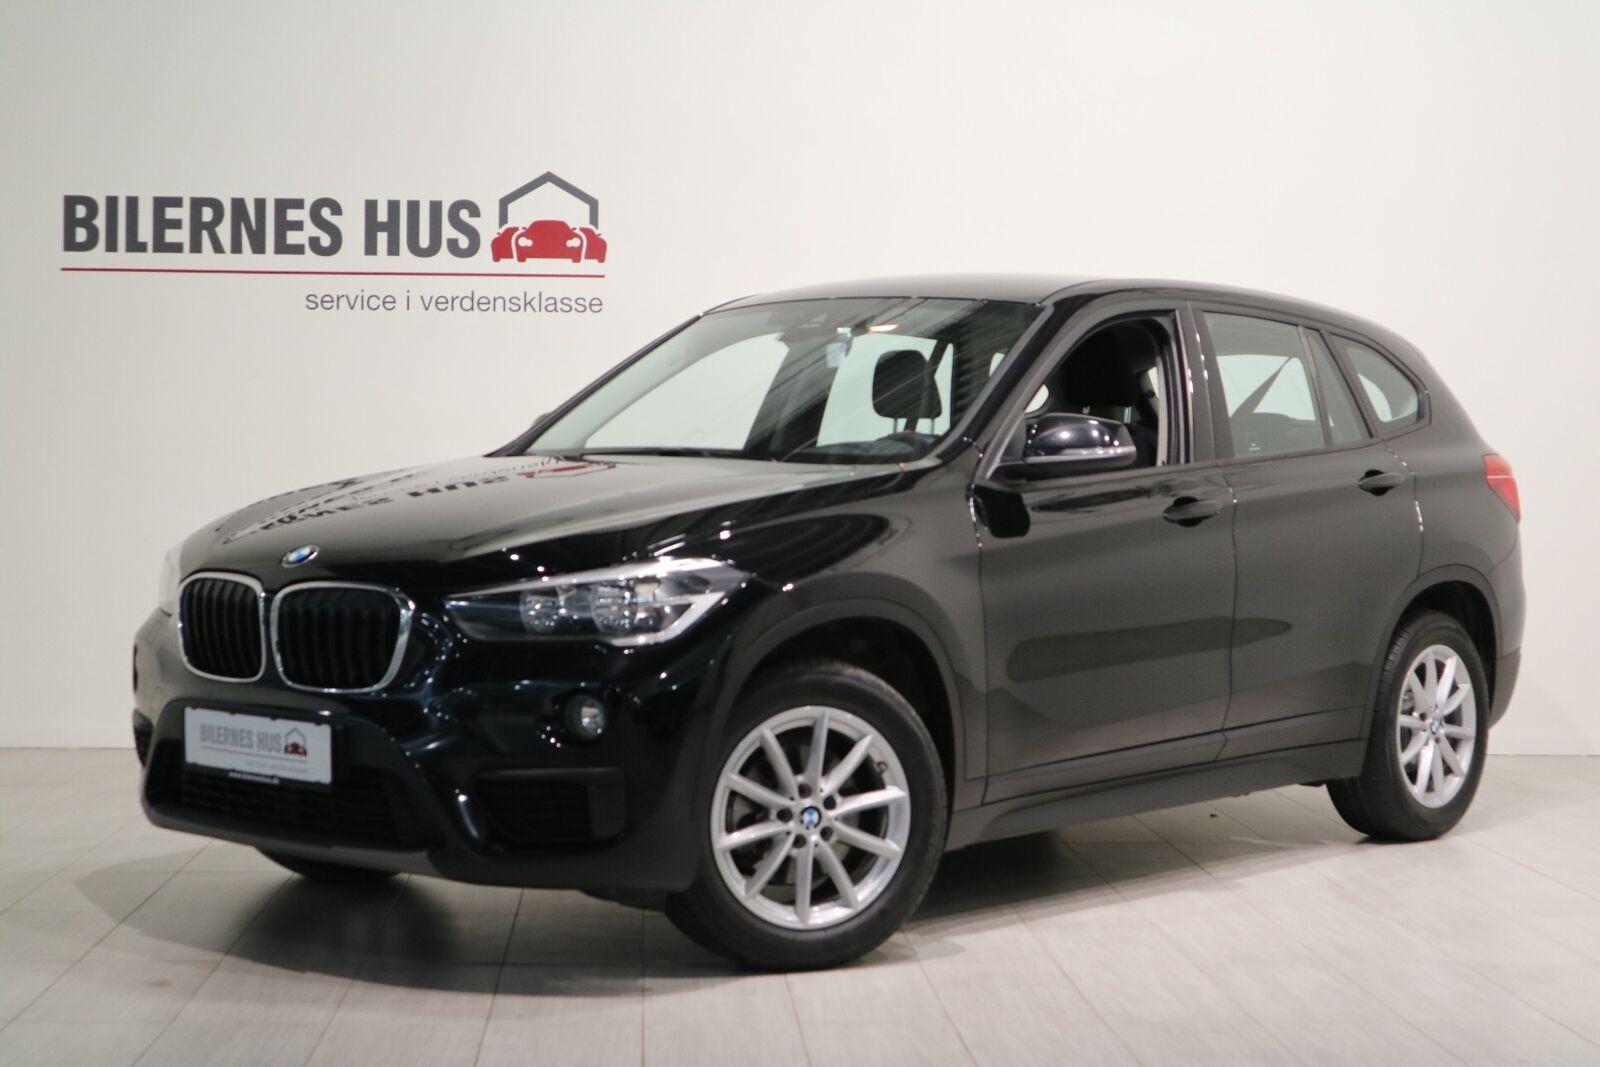 BMW X1 Billede 4